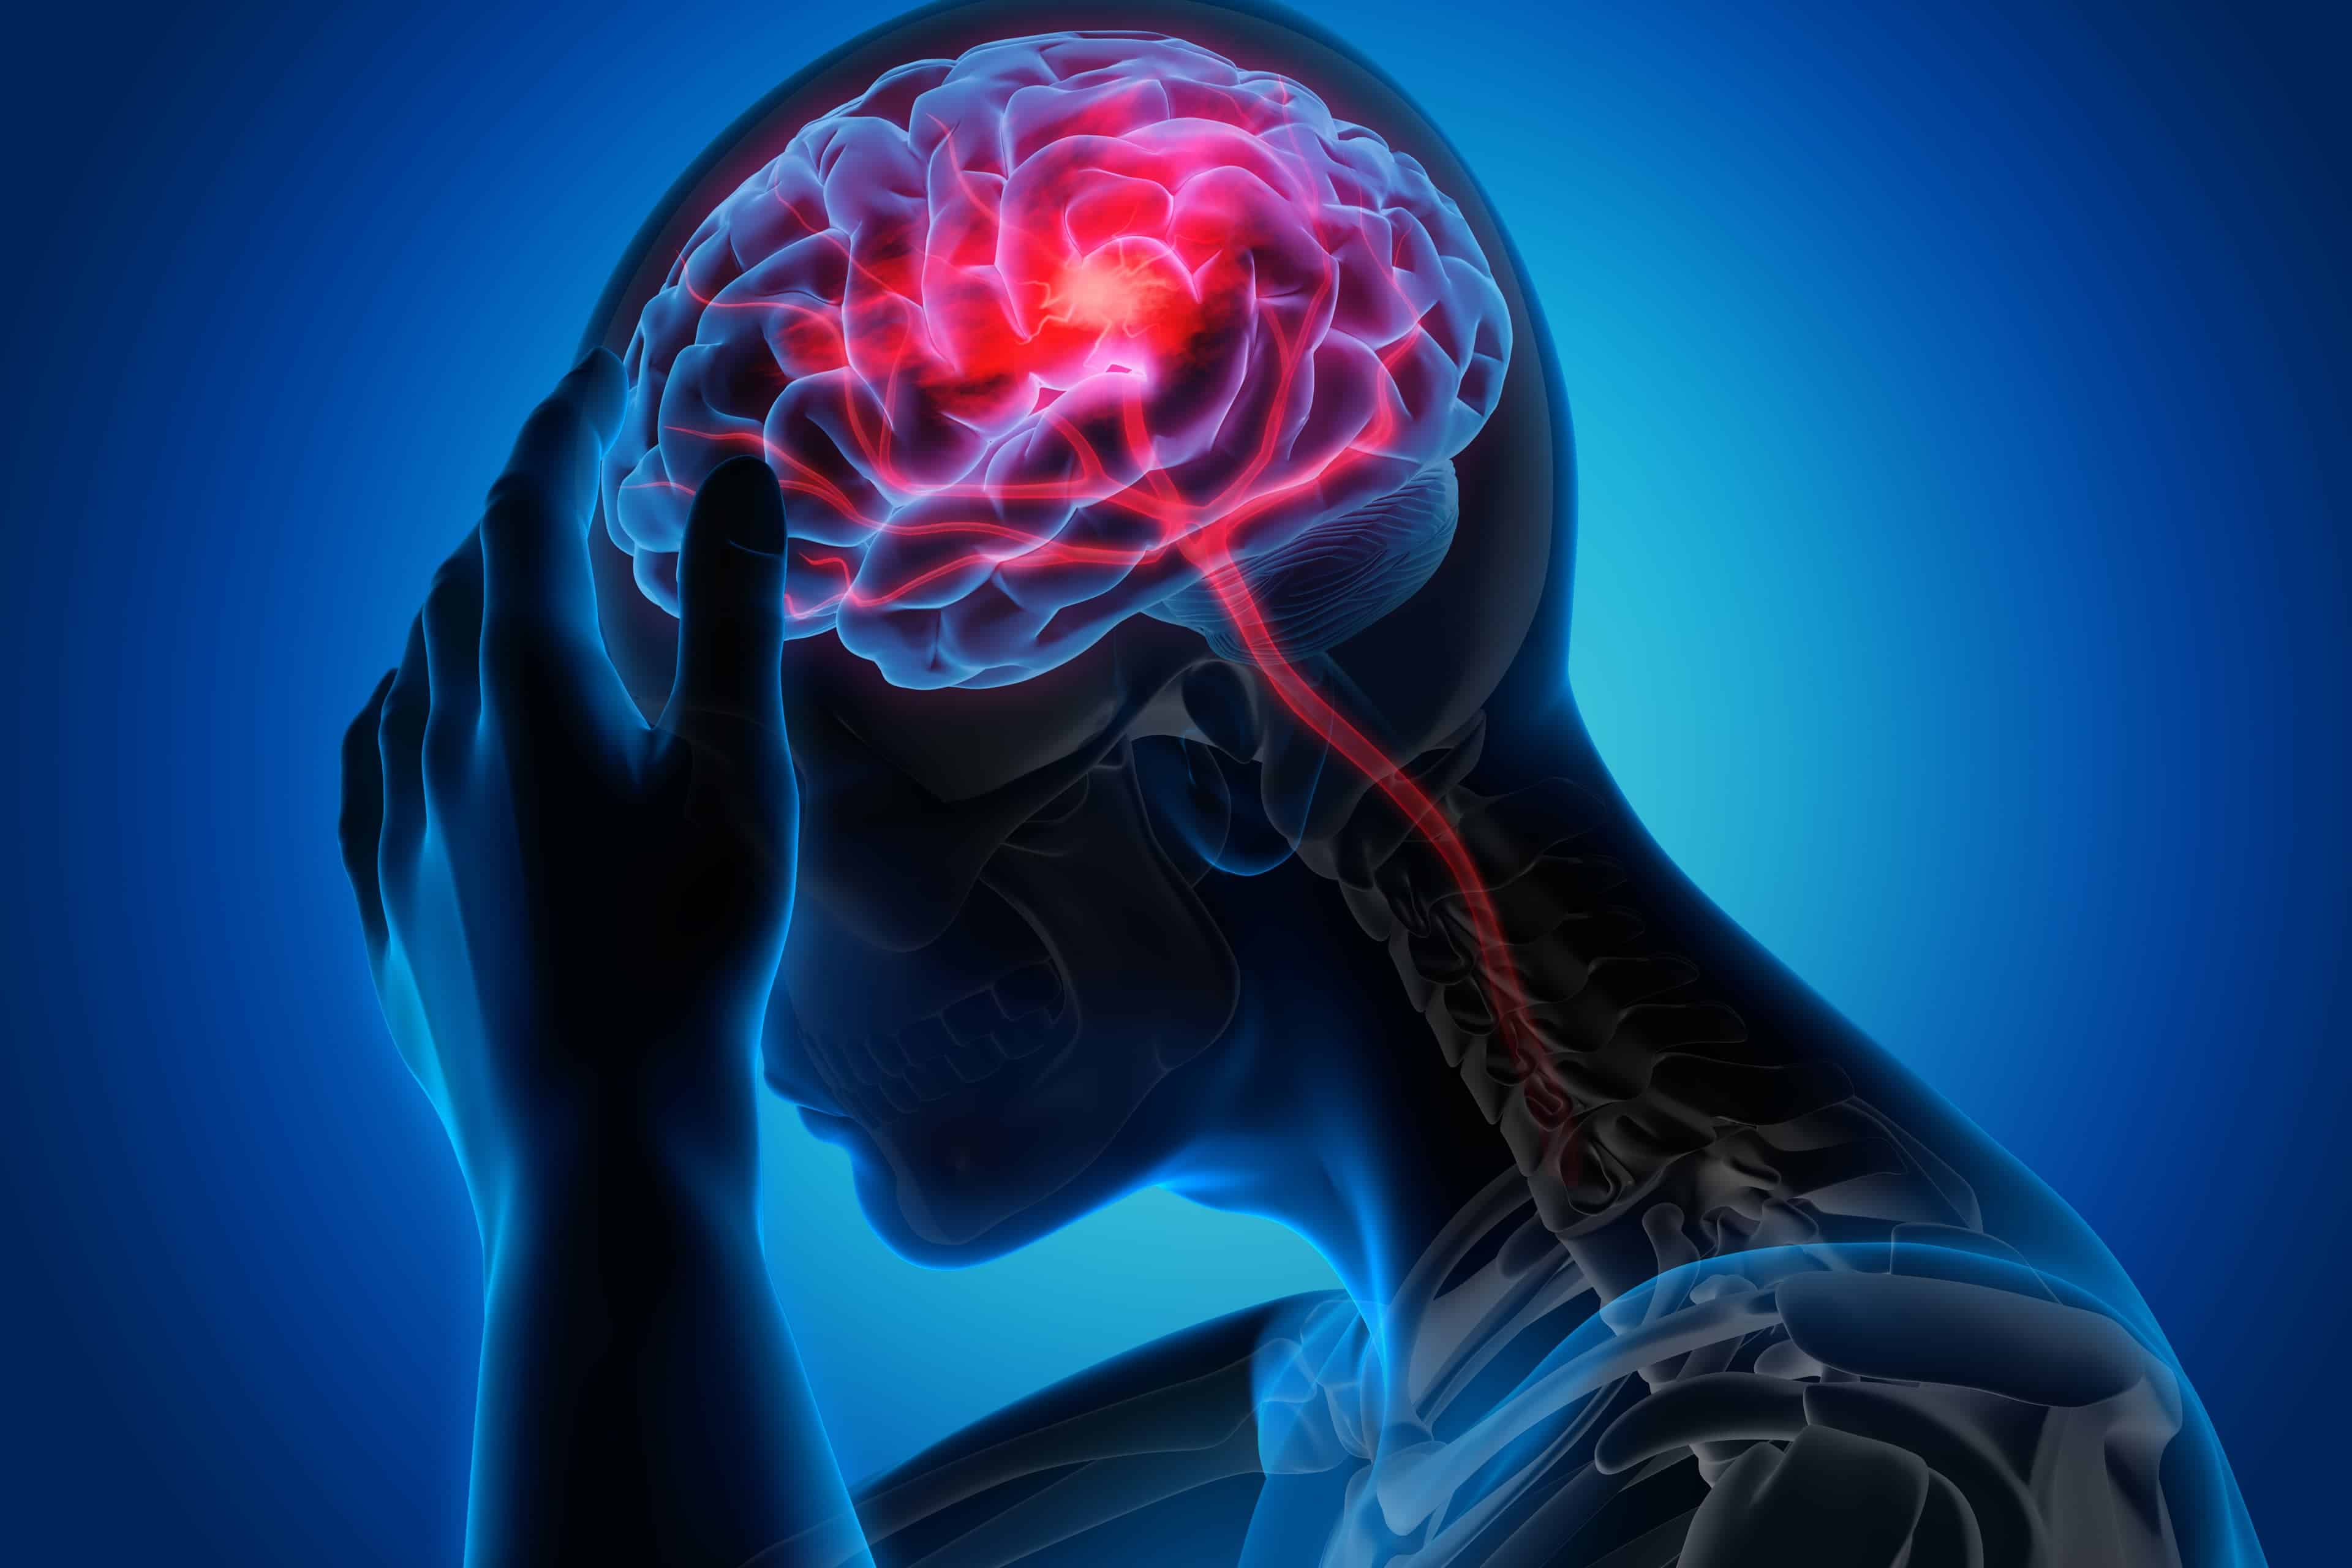 Profilaktyka wtórna udaru mózgu